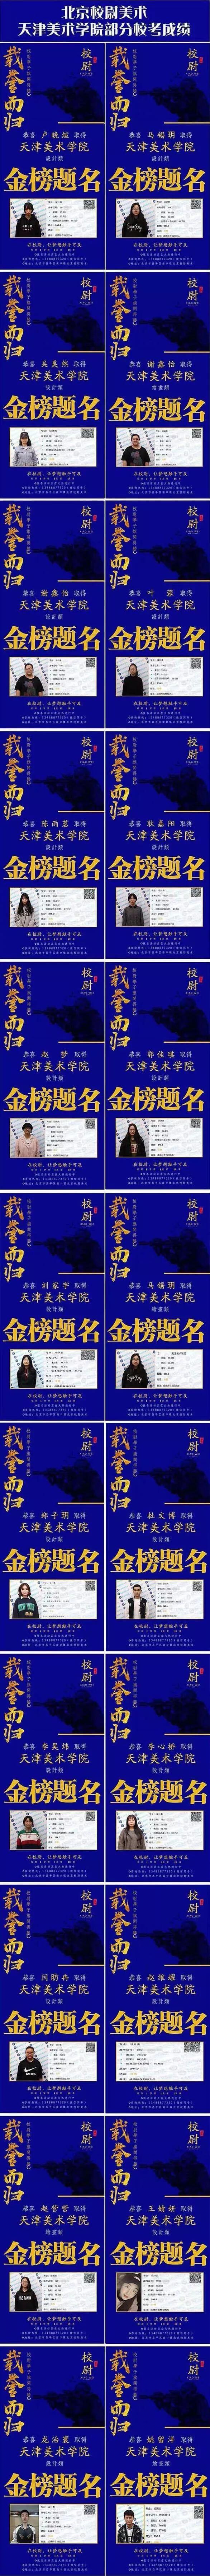 校尉画室:寒假班招生简章 | 预报名2020年集训豪礼重重!,北京画室,北京美术培训     31